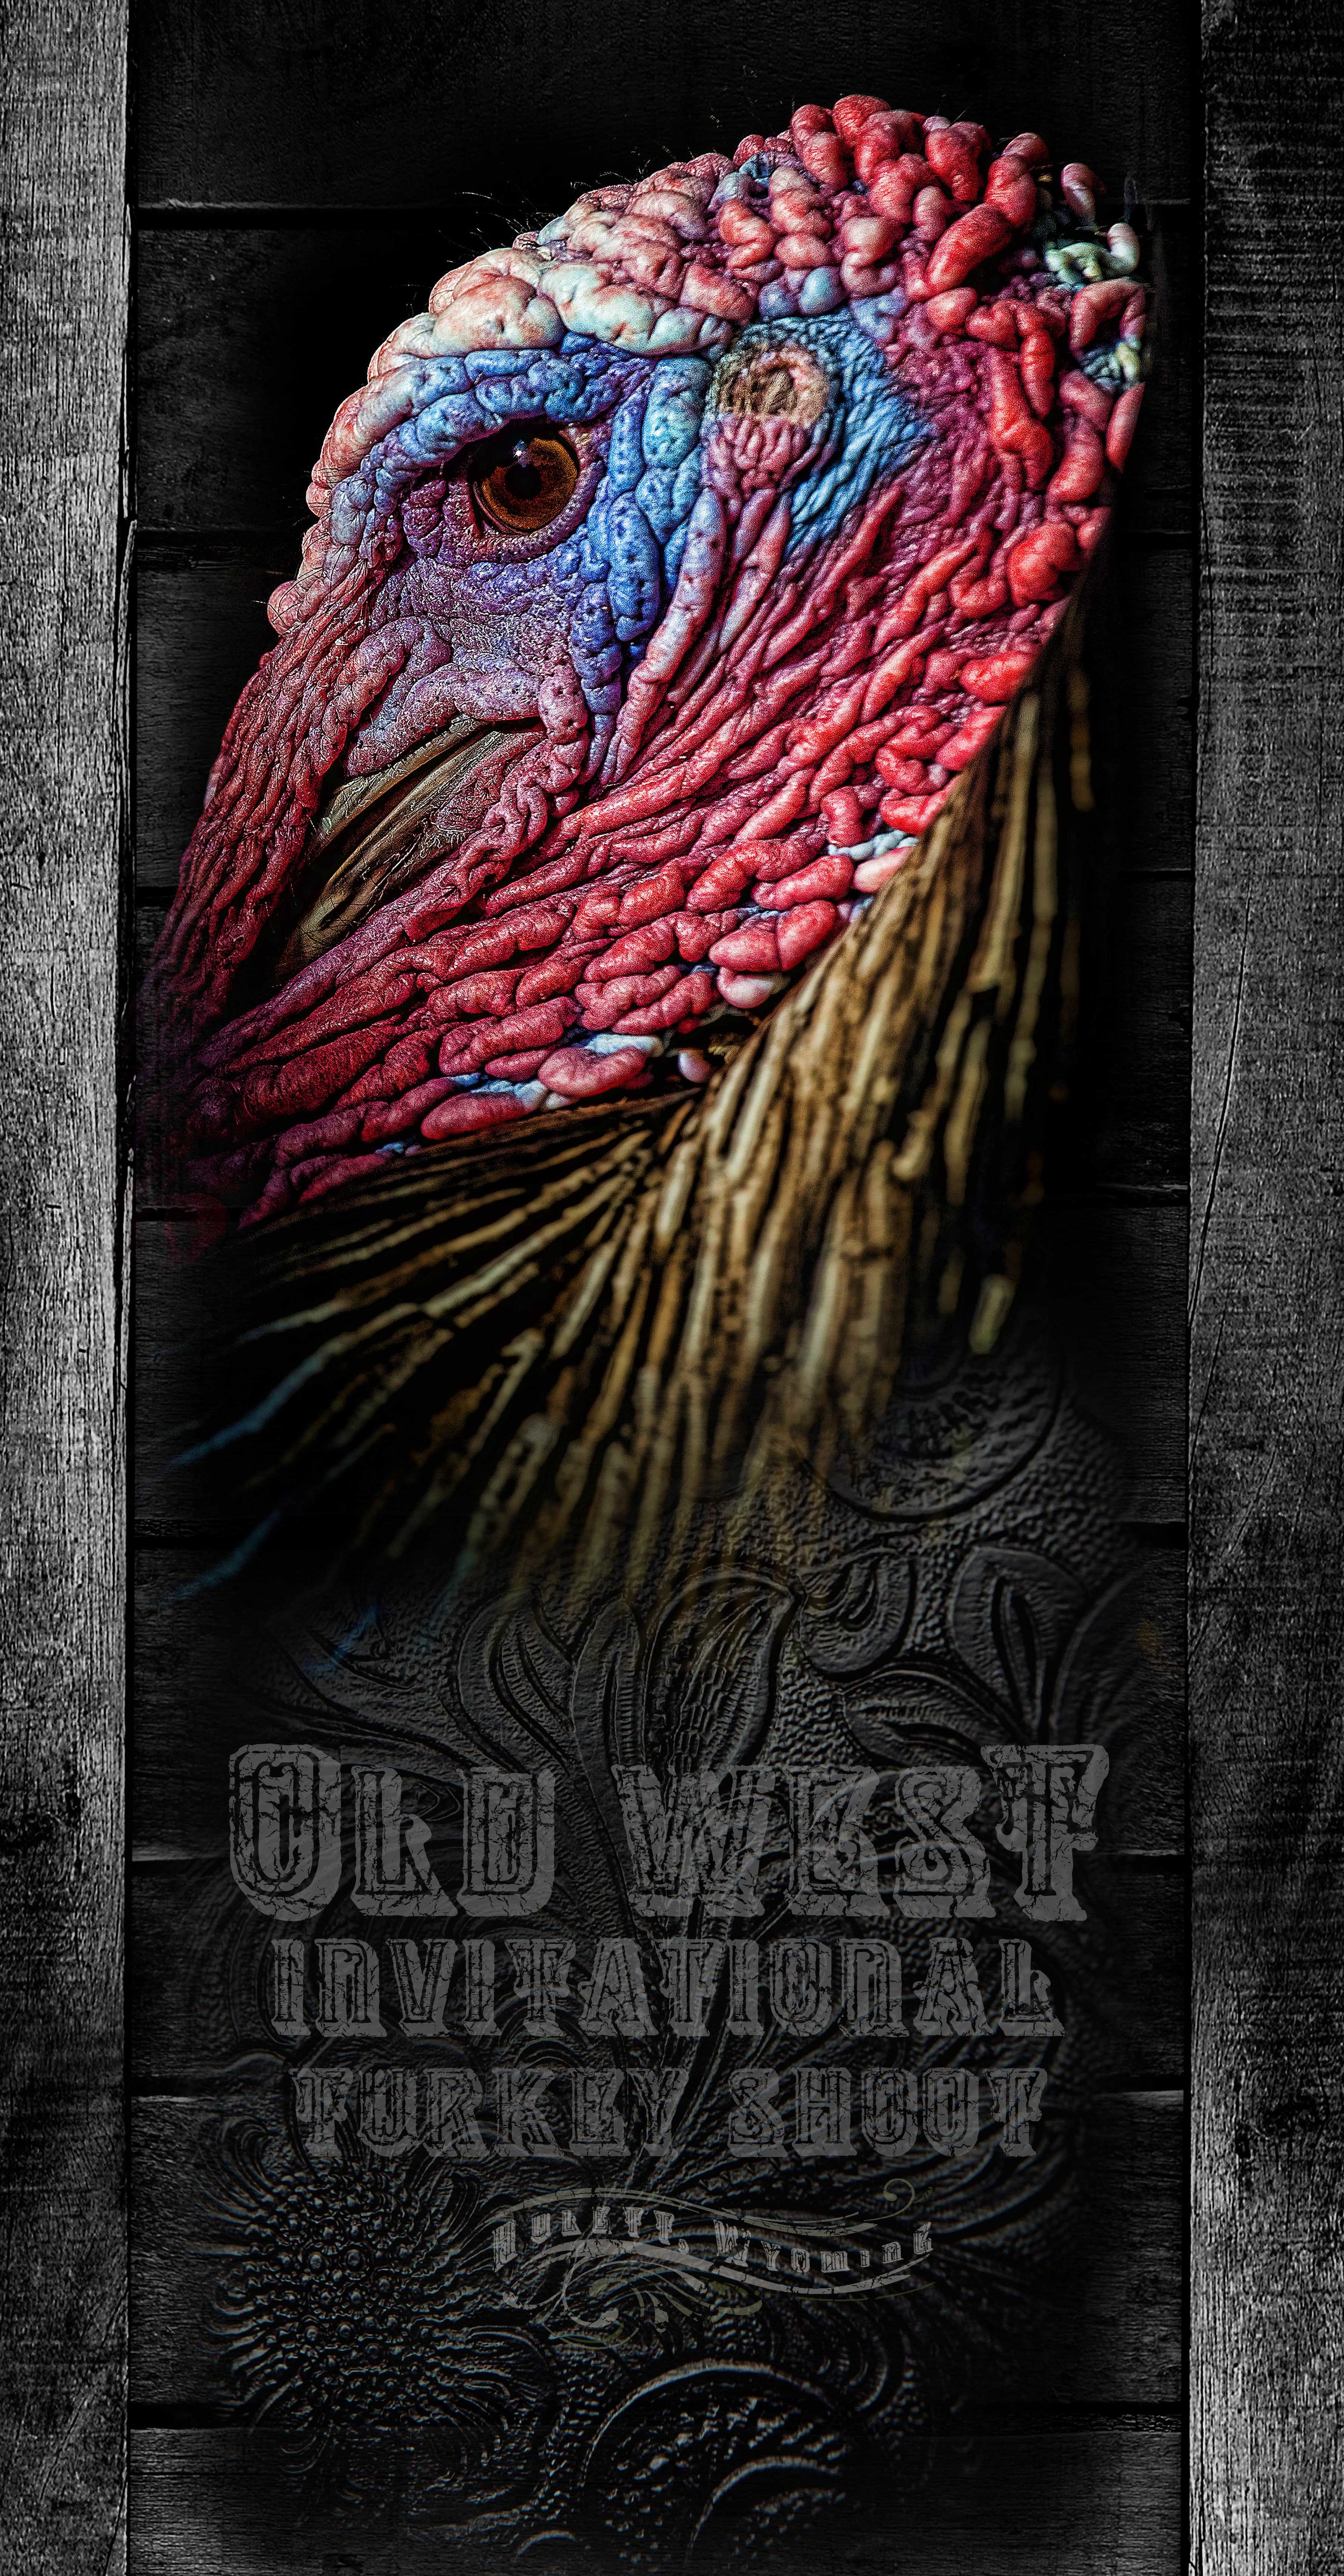 OldWest Turkeyposter1flat.jpg